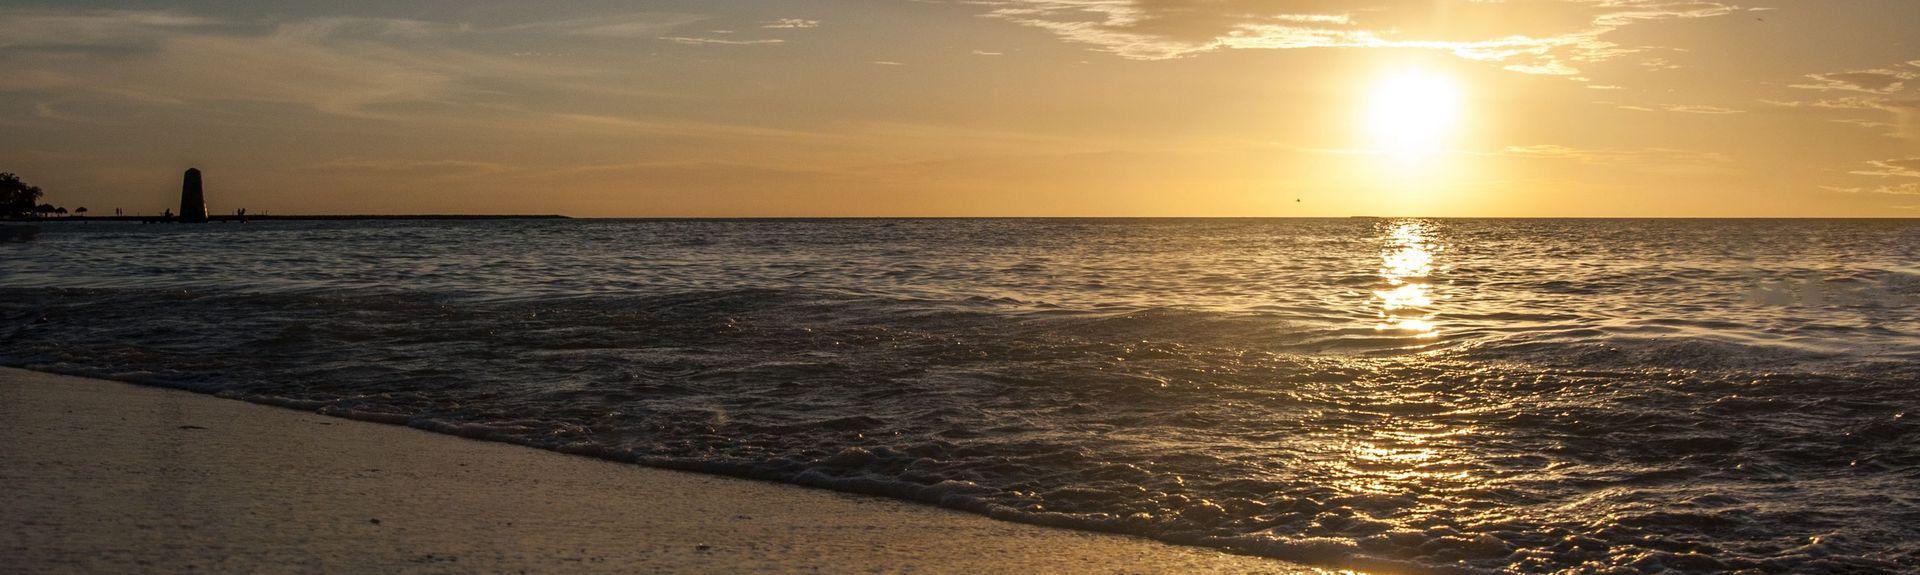 Oranjestad-West, Aruba